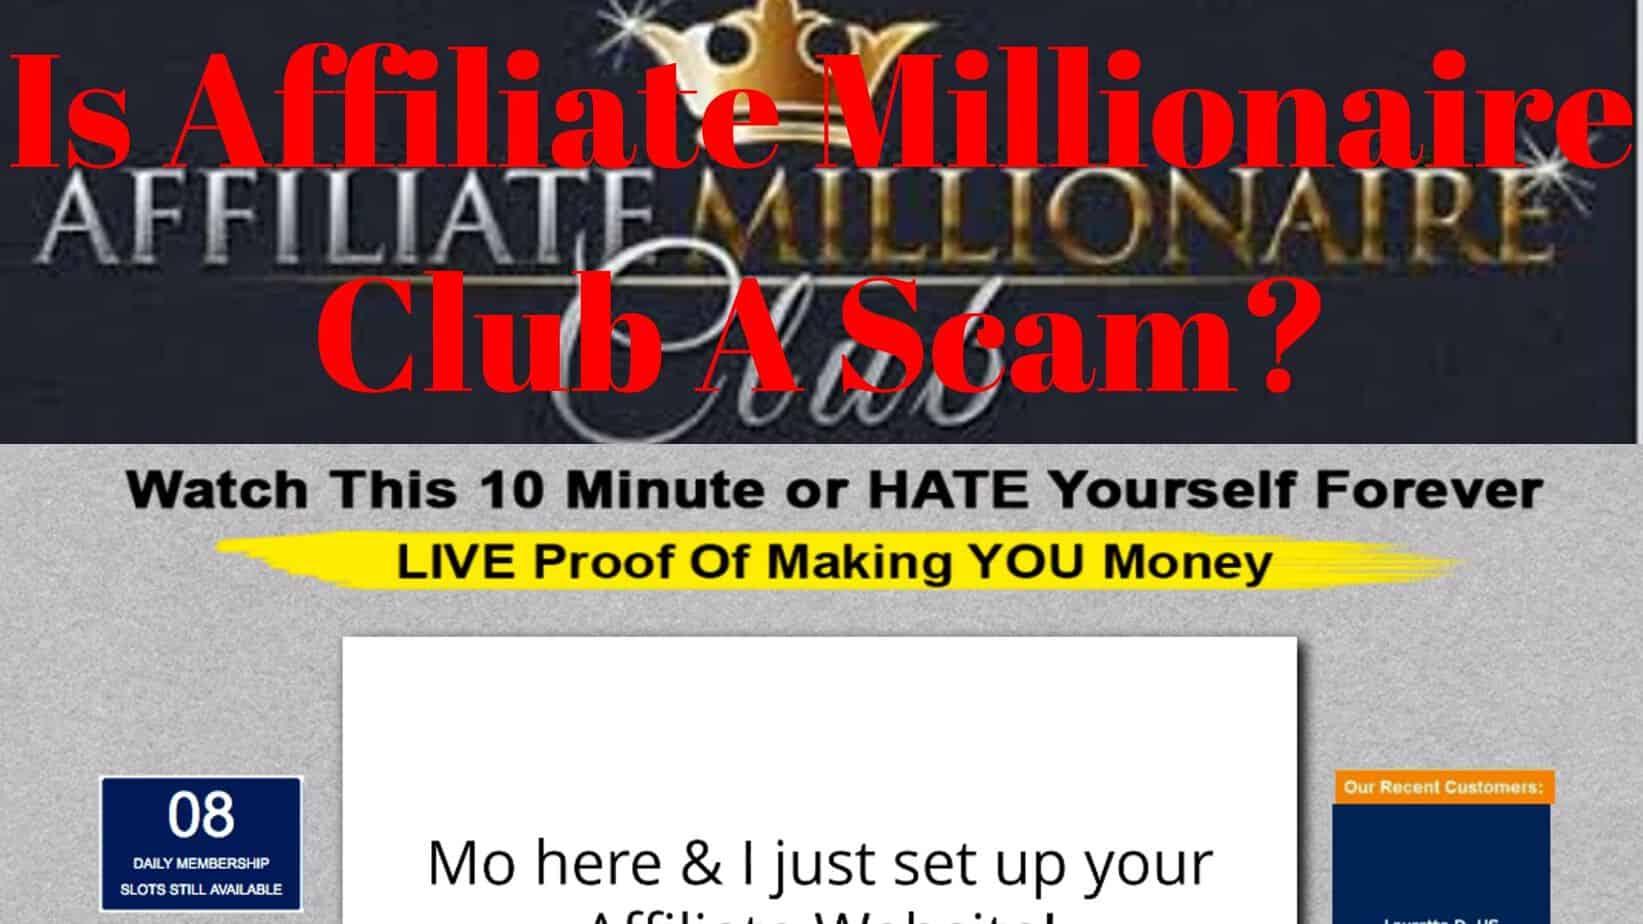 Club scam millionaire Secret Millionaires